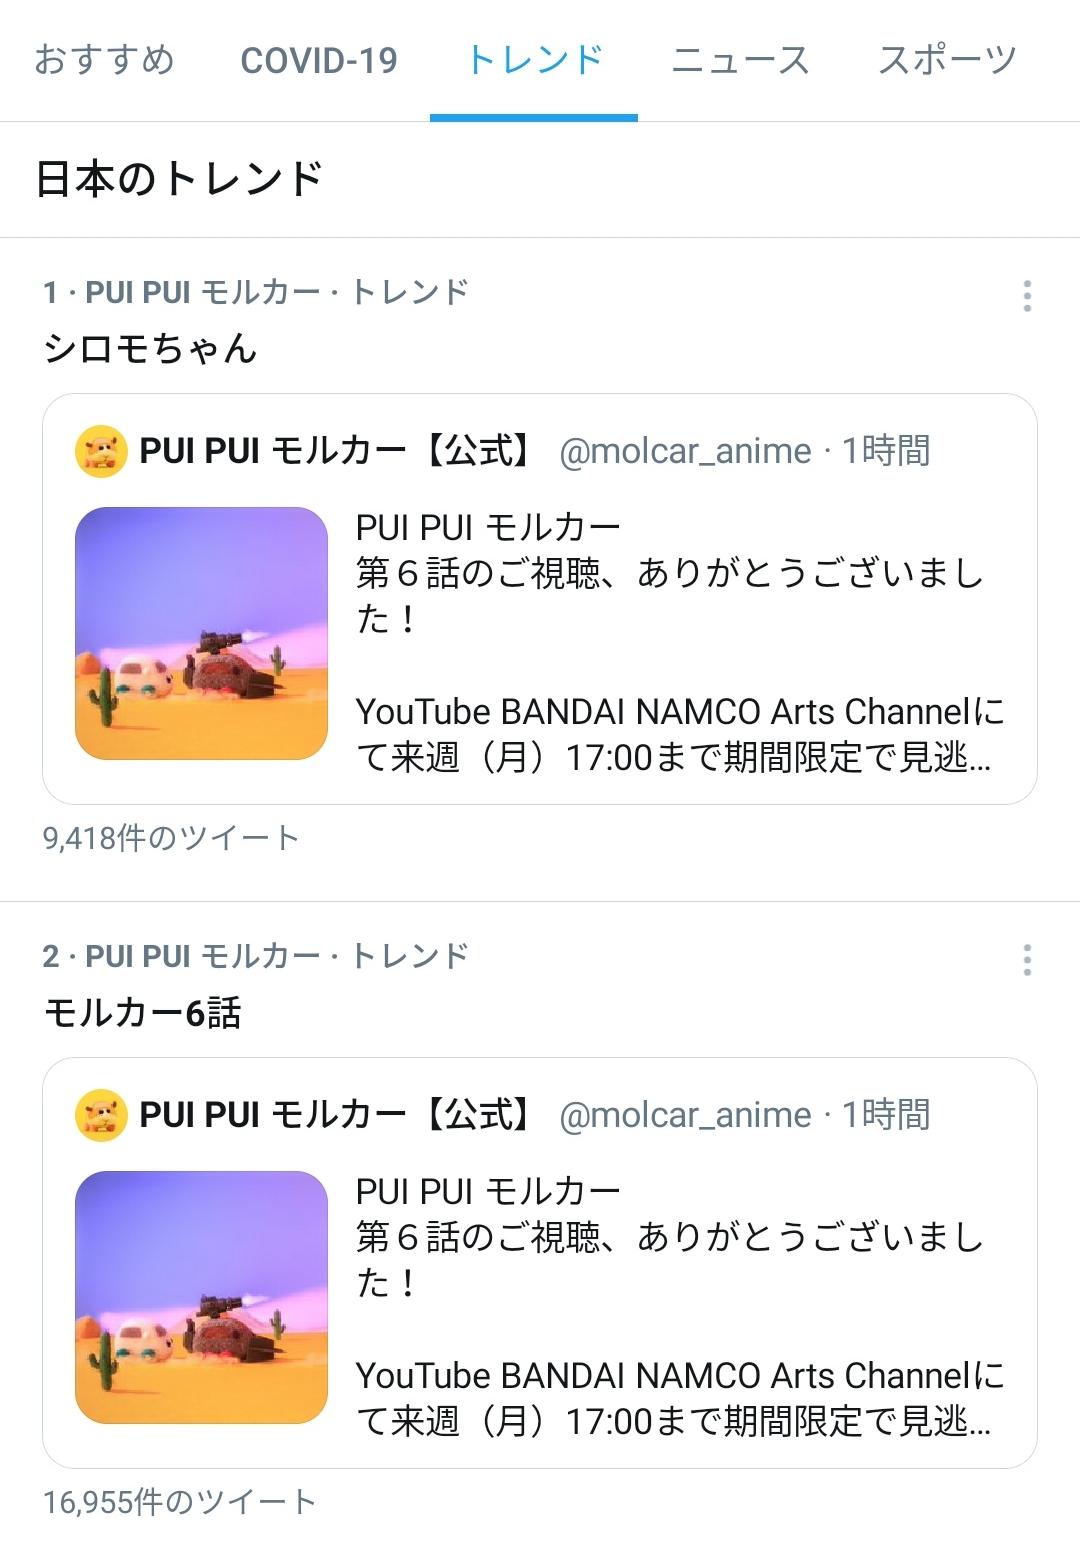 2021/02/09Twitterトレンド